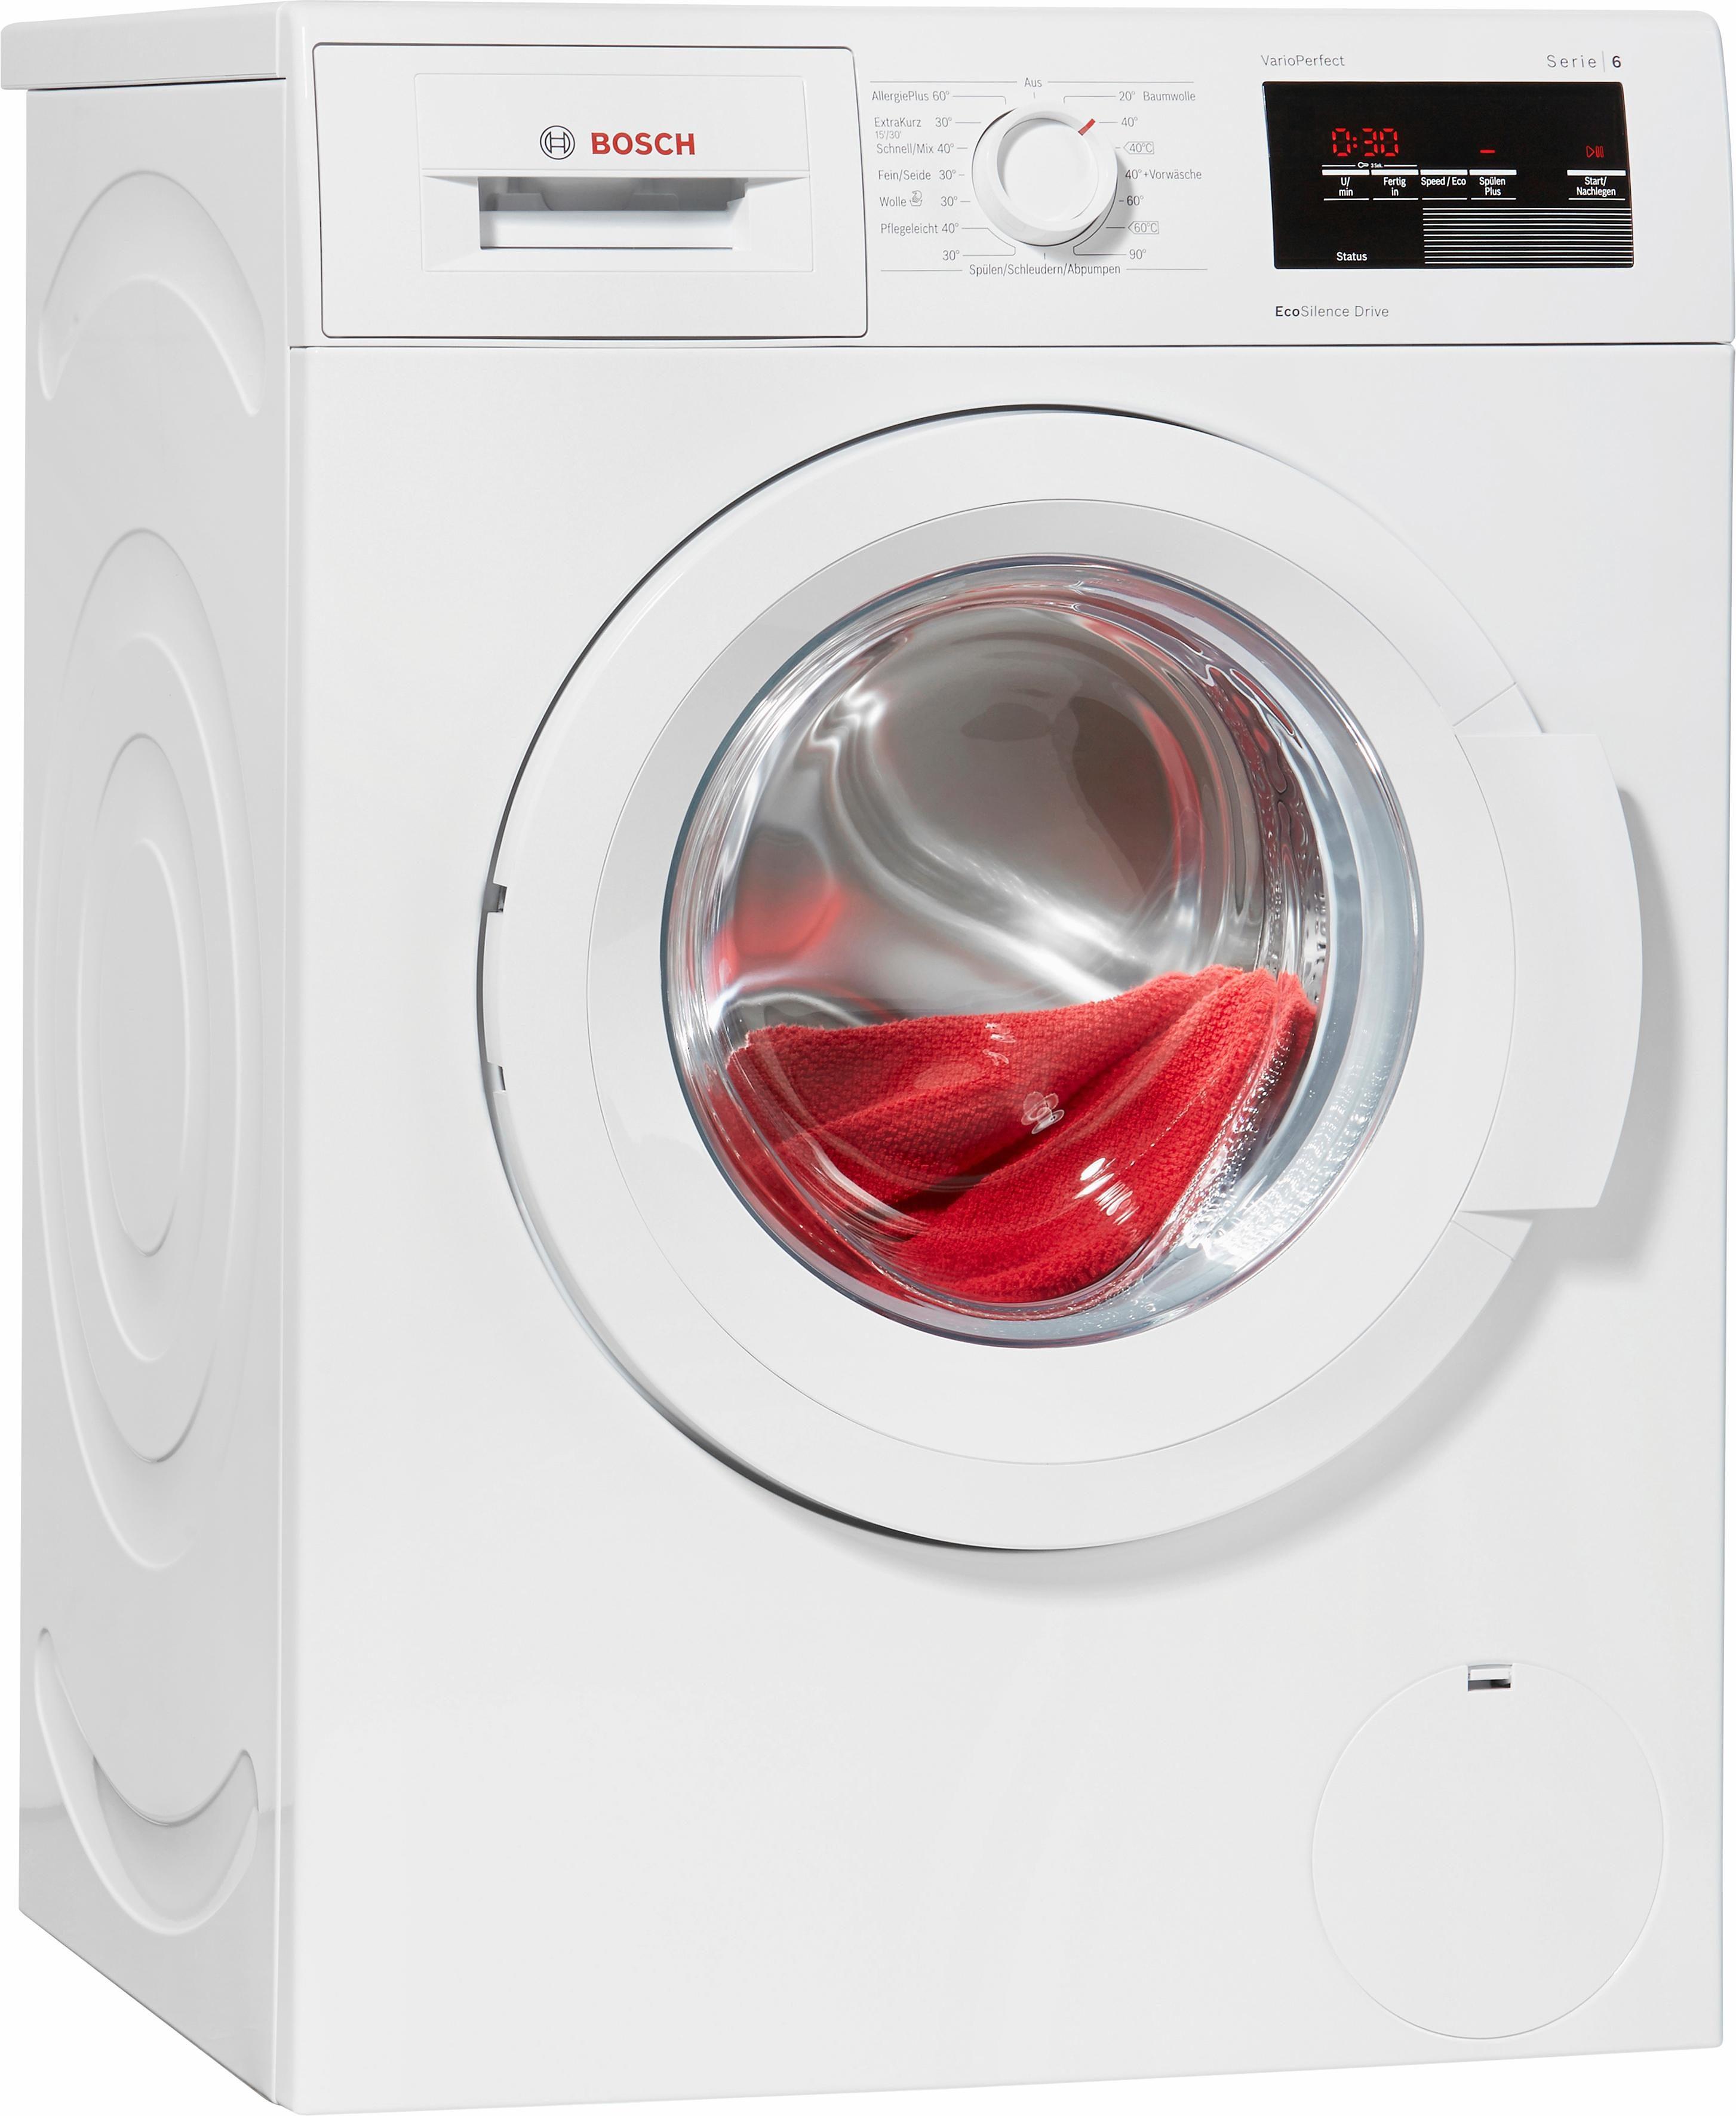 BOSCH Waschmaschine Serie 6 WAT28320, A+++, 7 kg, 1400 U/Min